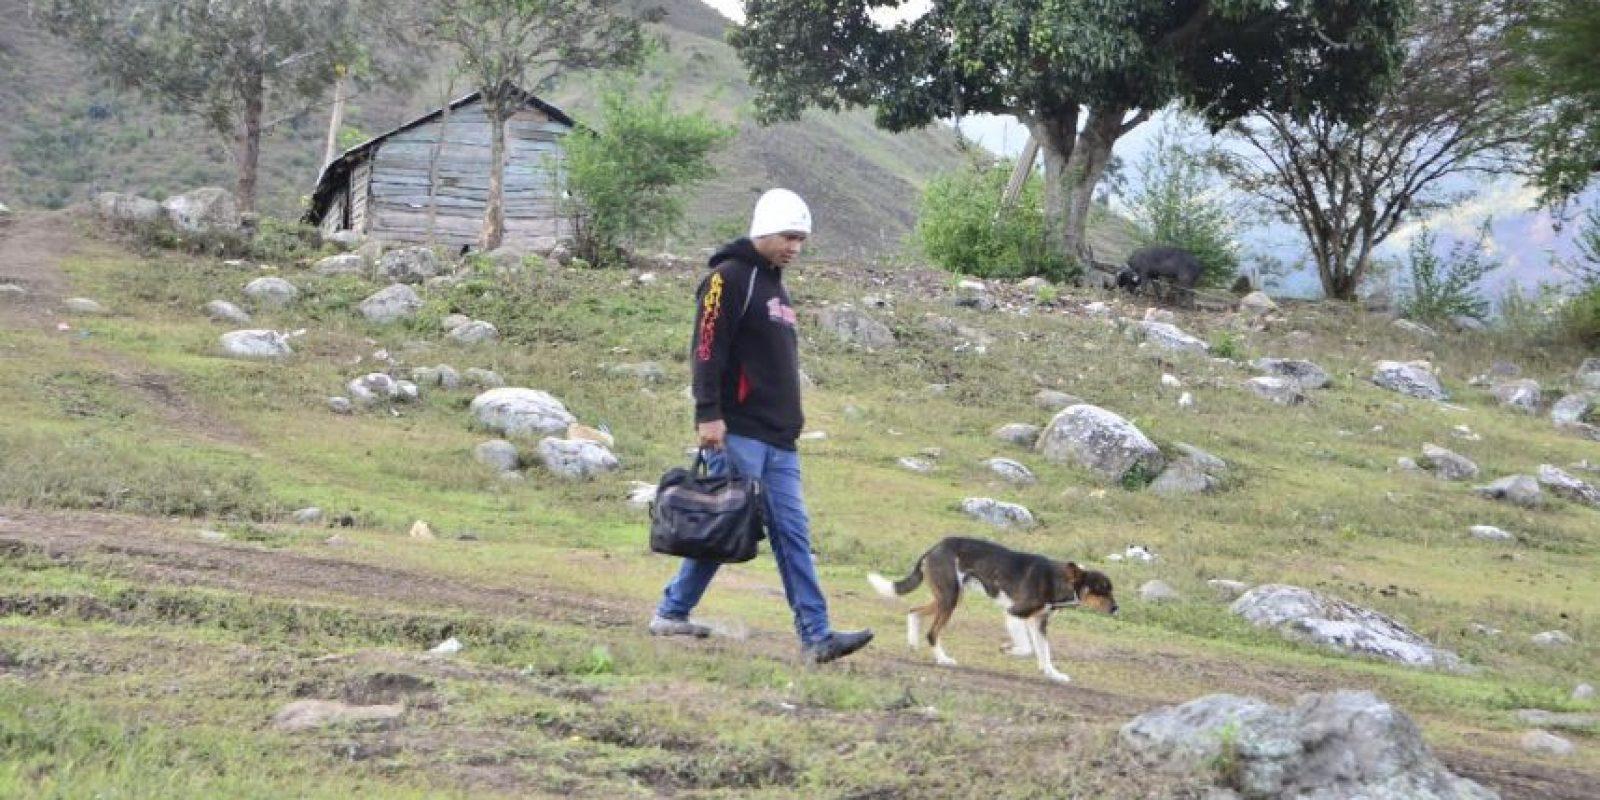 Los profesores recorren camino casi intransitables para impartir docencia Foto:Vianco Martínez